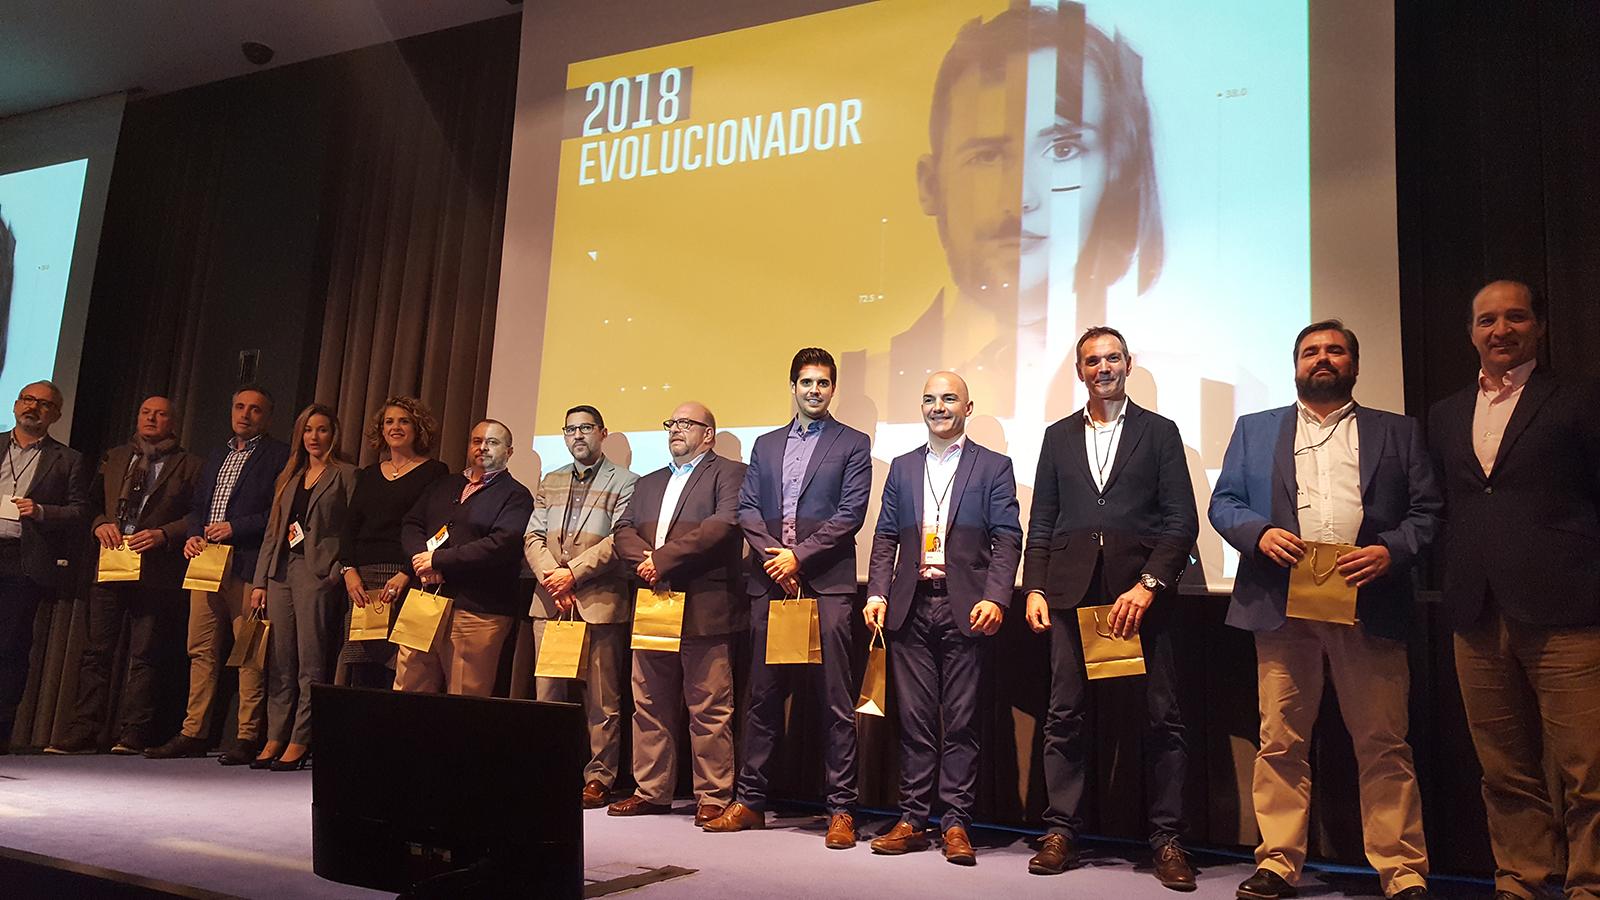 Los participantes de la prueba piloto con sus obsequios en la Convención 2018 de Conversia